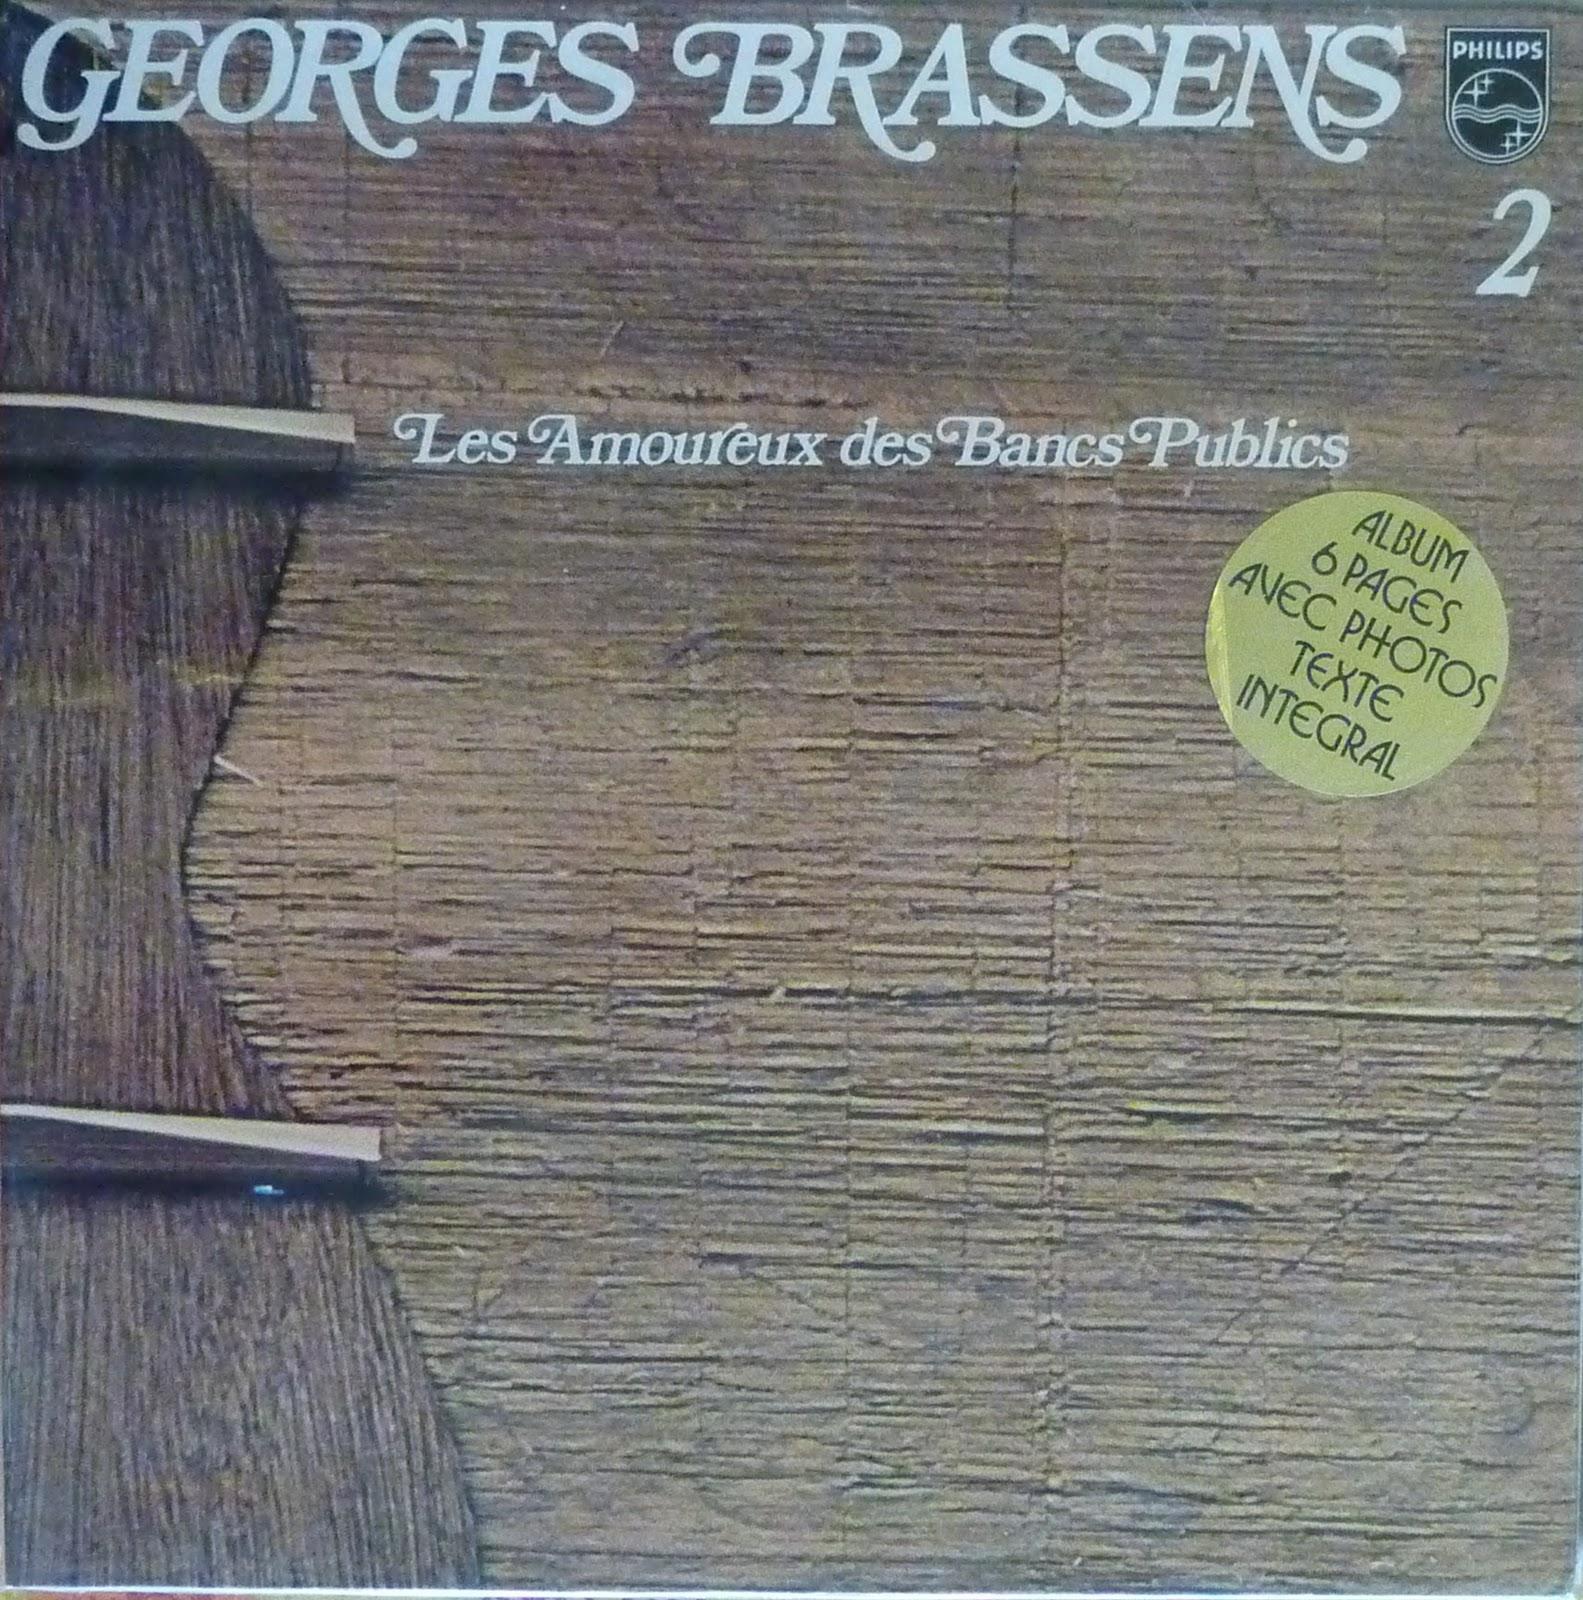 Vinylovore g brassens les amoureux des bancs publics - Les amoureux des bancs publics brassens ...